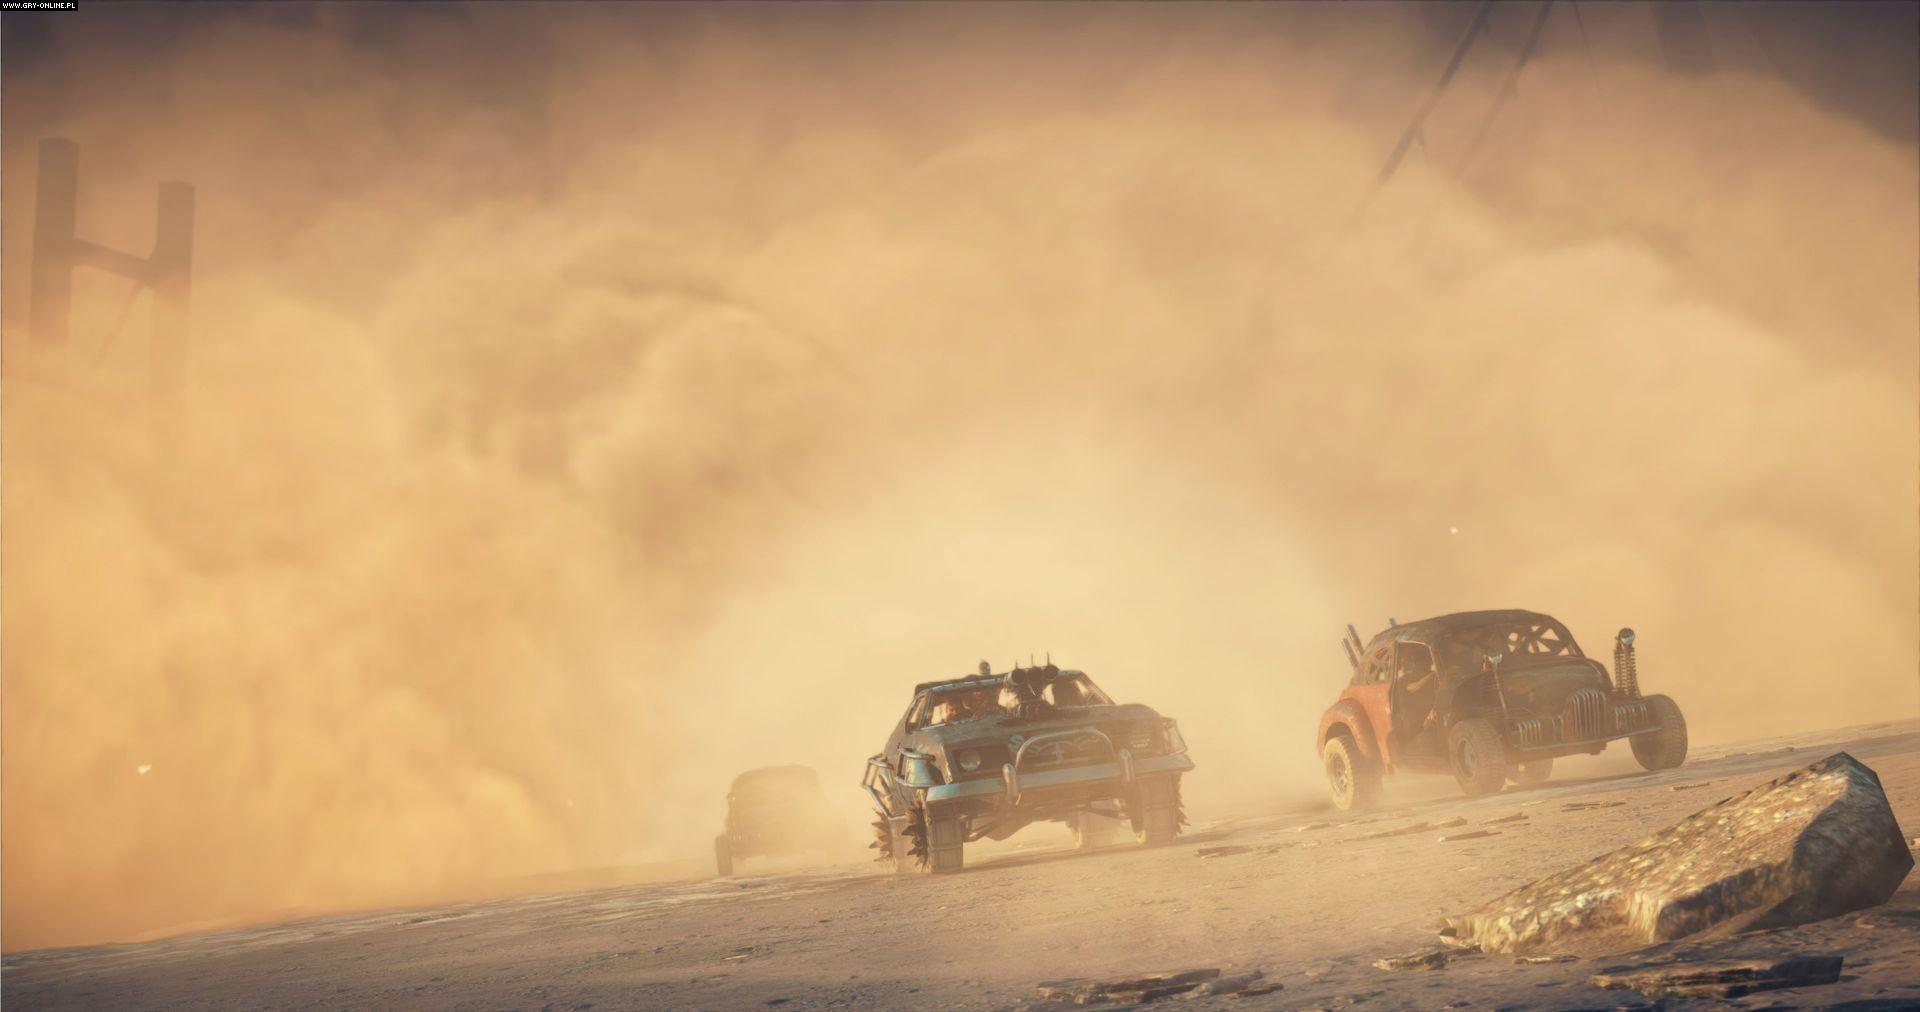 Mad Max image #5